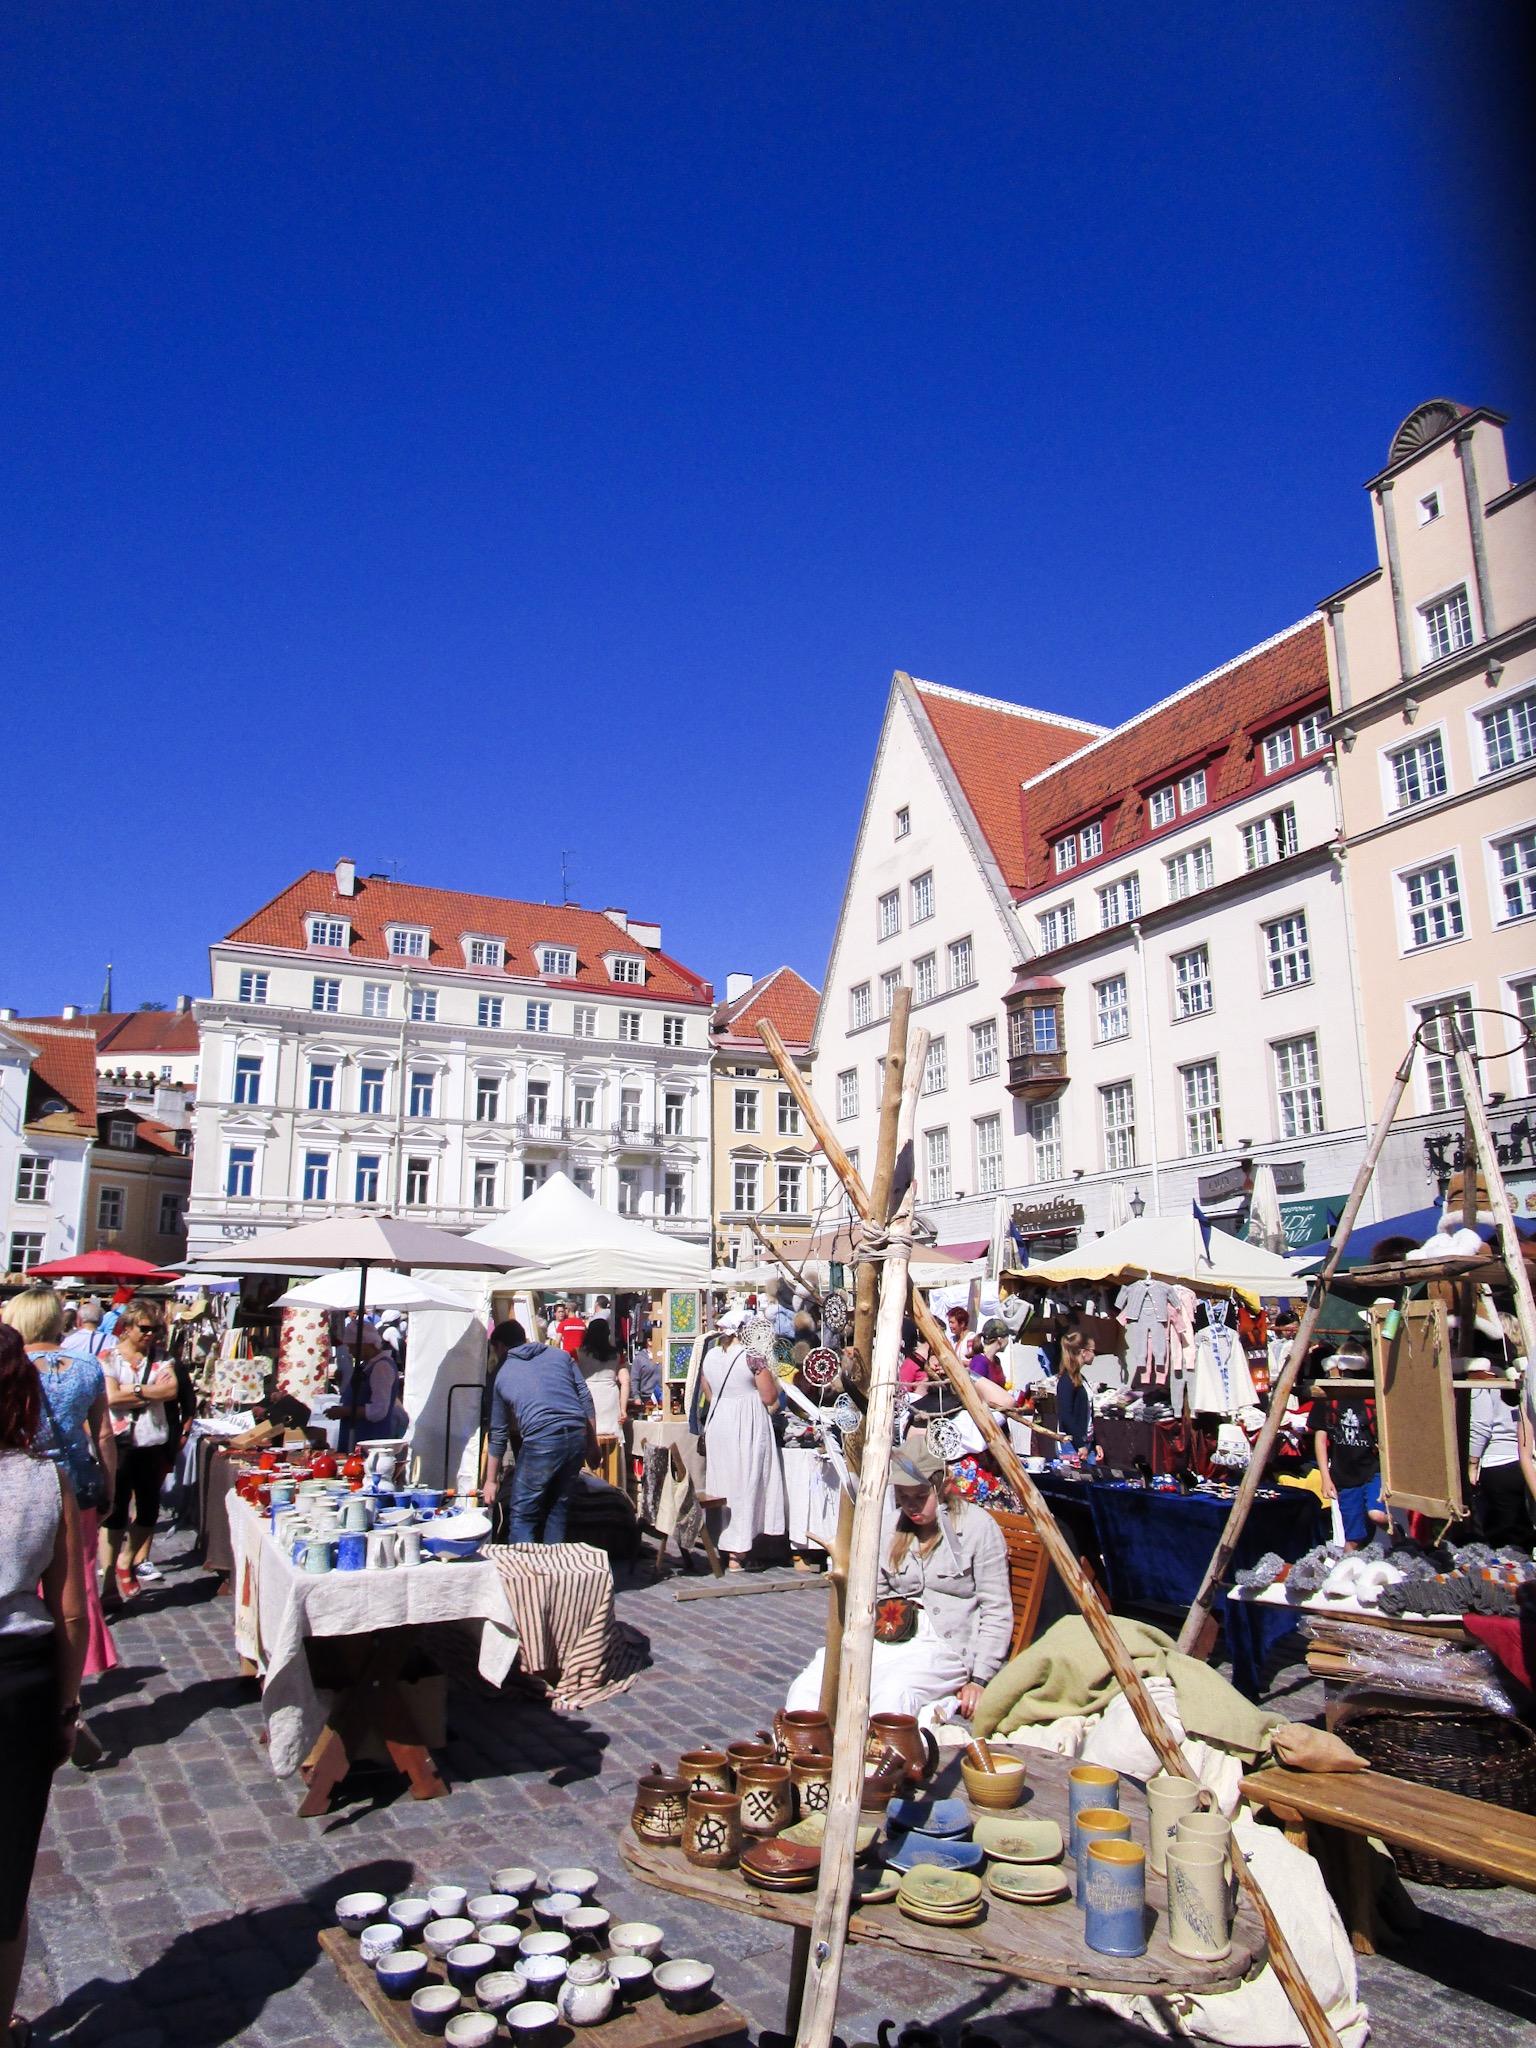 Marketplace in Tallinn, Estonia